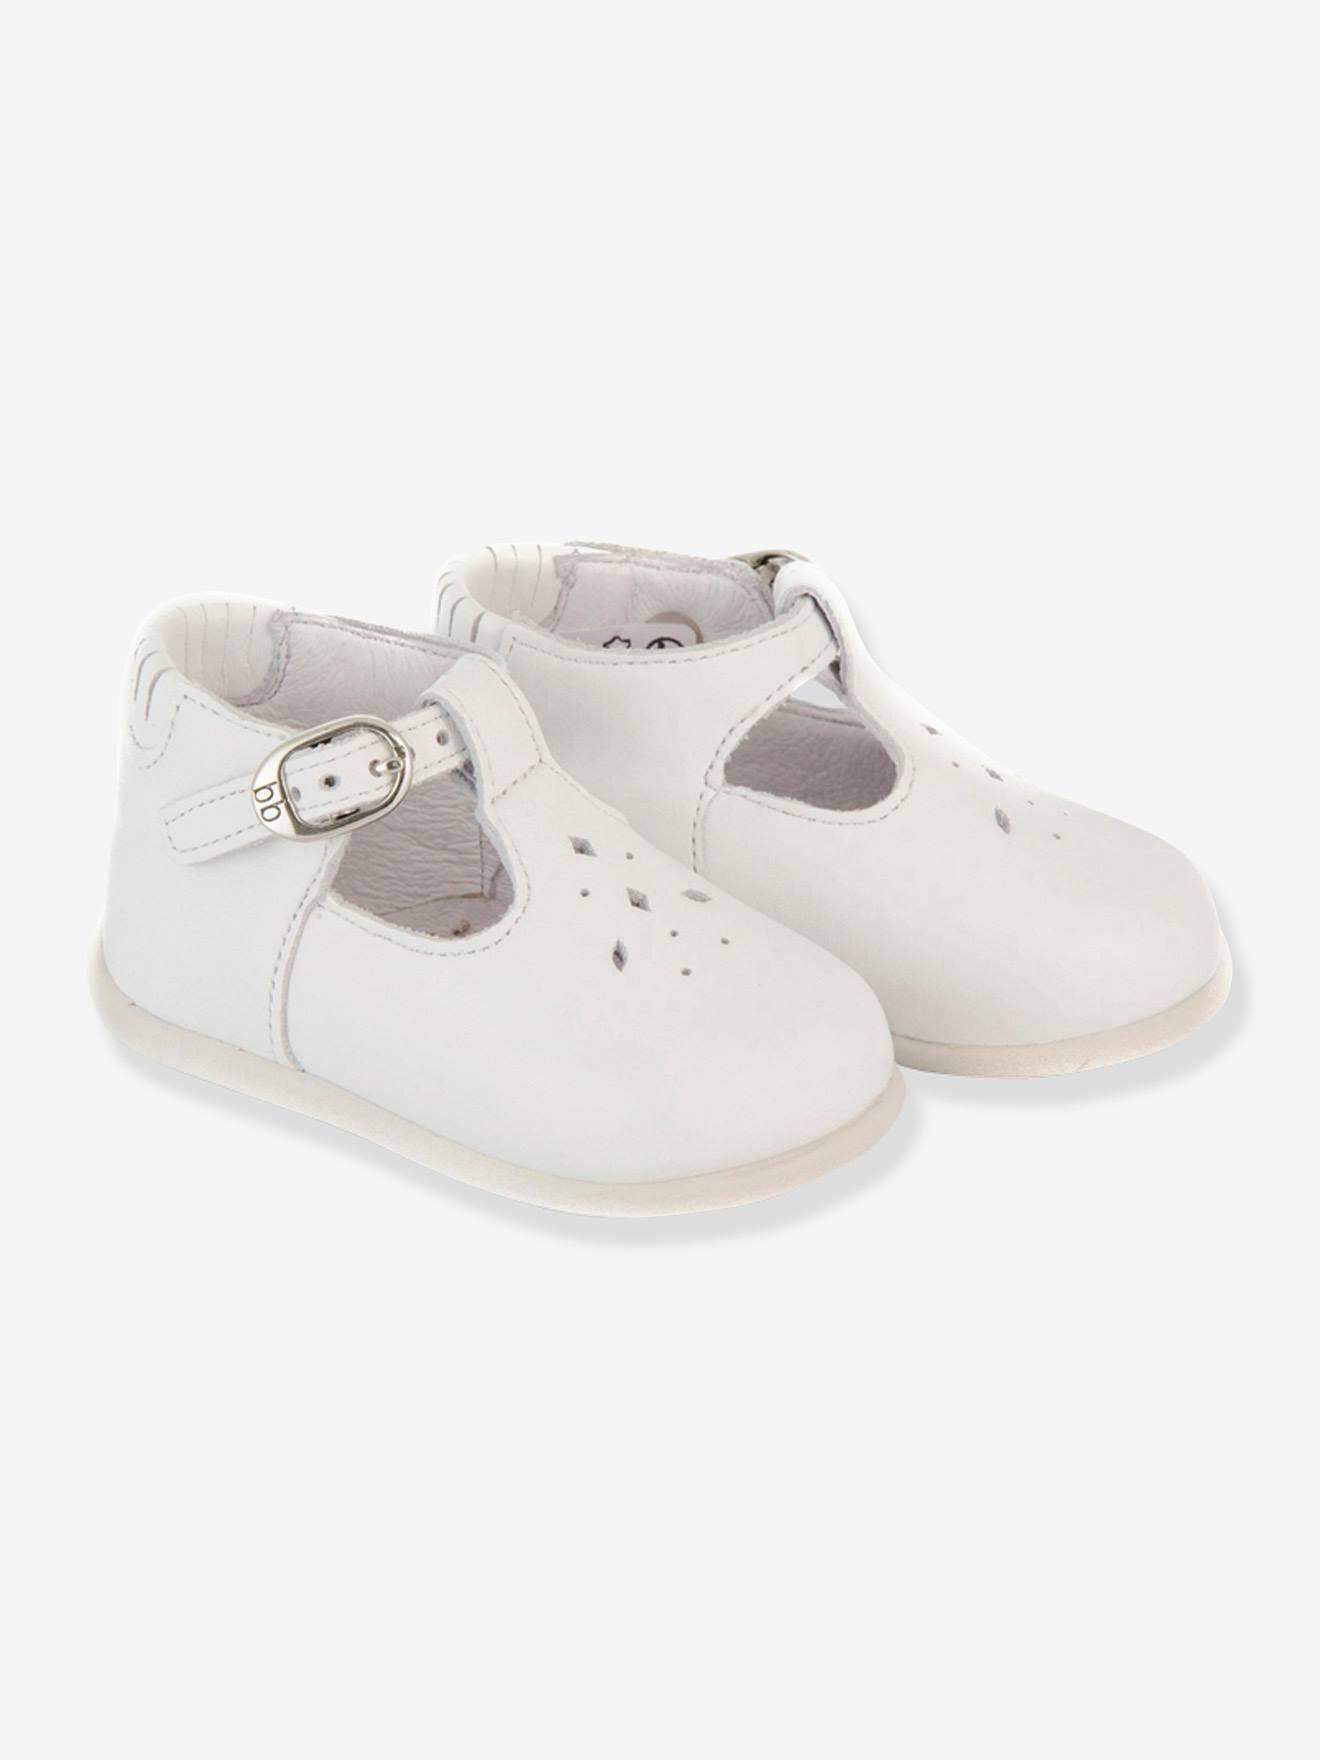 2d58fe181bbb9 Sandales salomés cuir bébé fille Paris Babybotte® blanc - Babybotte